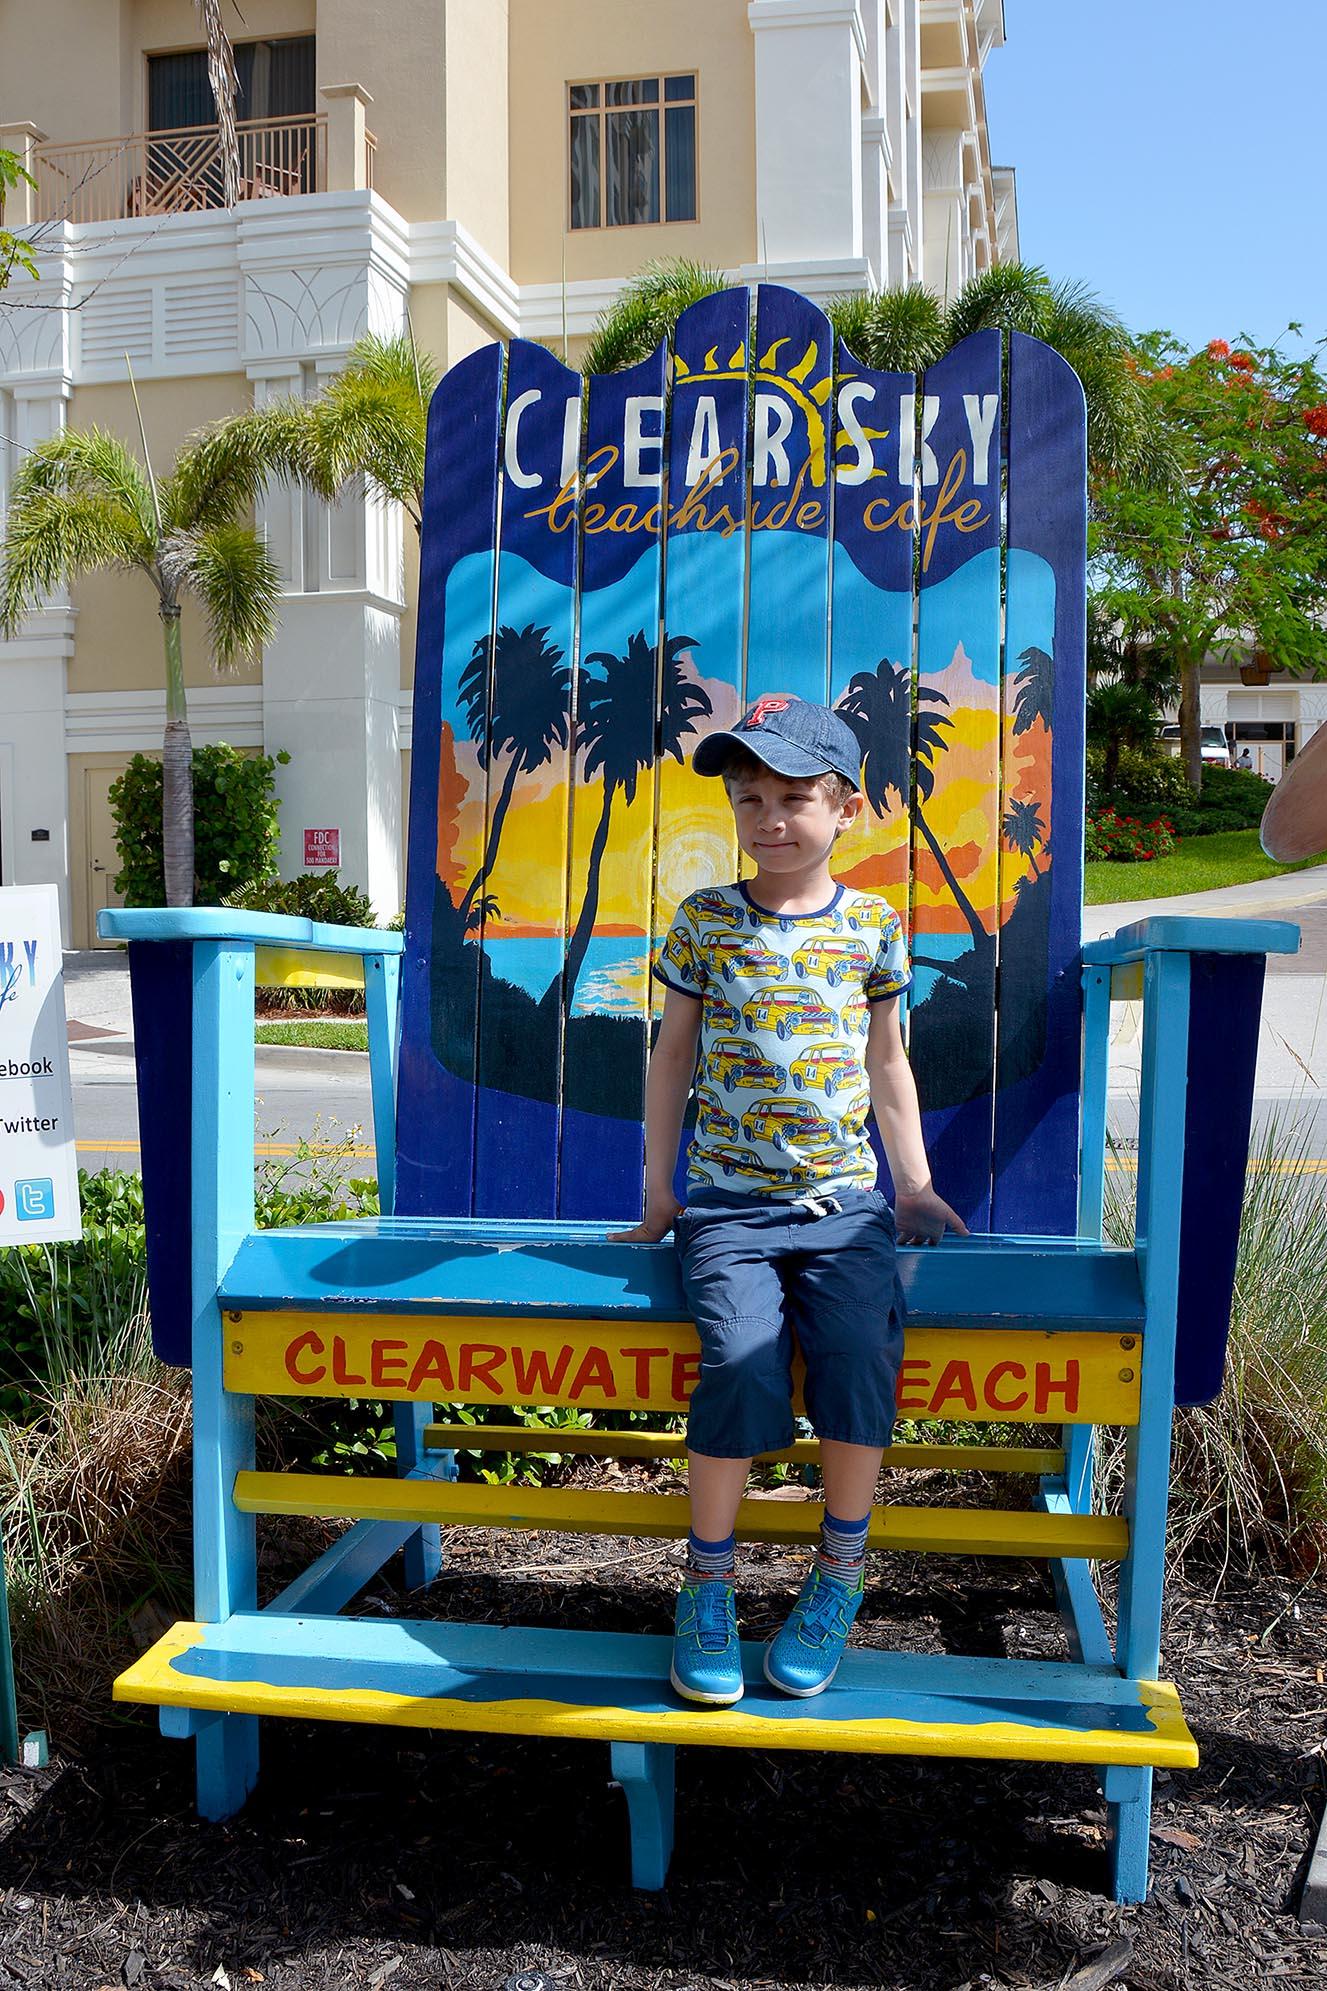 Clear Sky Beachside Cafe